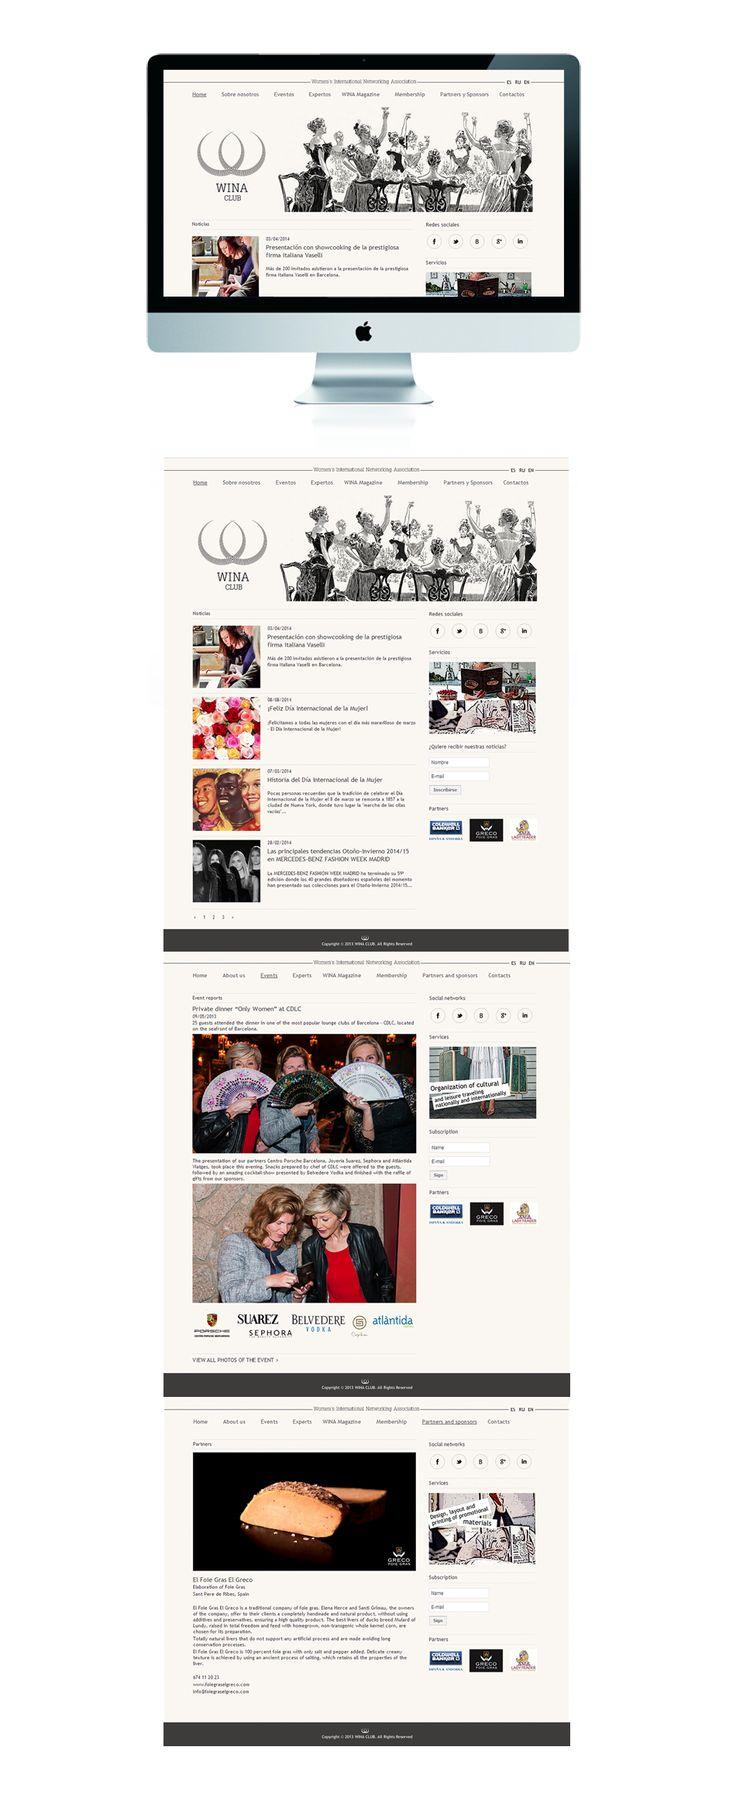 Сайт общественной организации «Wina Club» – Разработка дизайна портала для женской общественной организации «Wina Club»